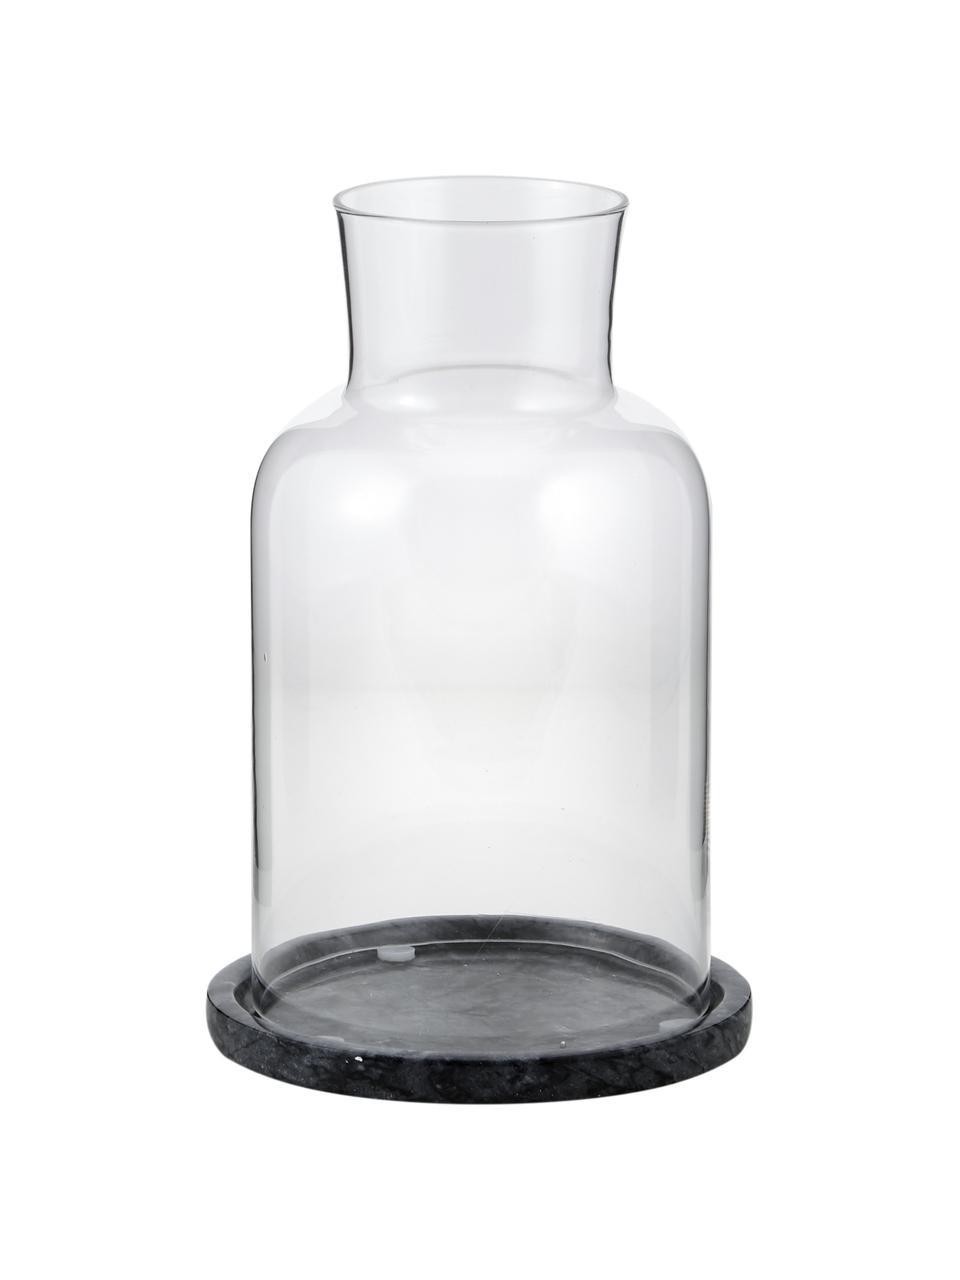 Marmeren windlicht Lindon, Glas, marmer, Zwart, gemarmerd, transparant, Ø 13 x H 22 cm